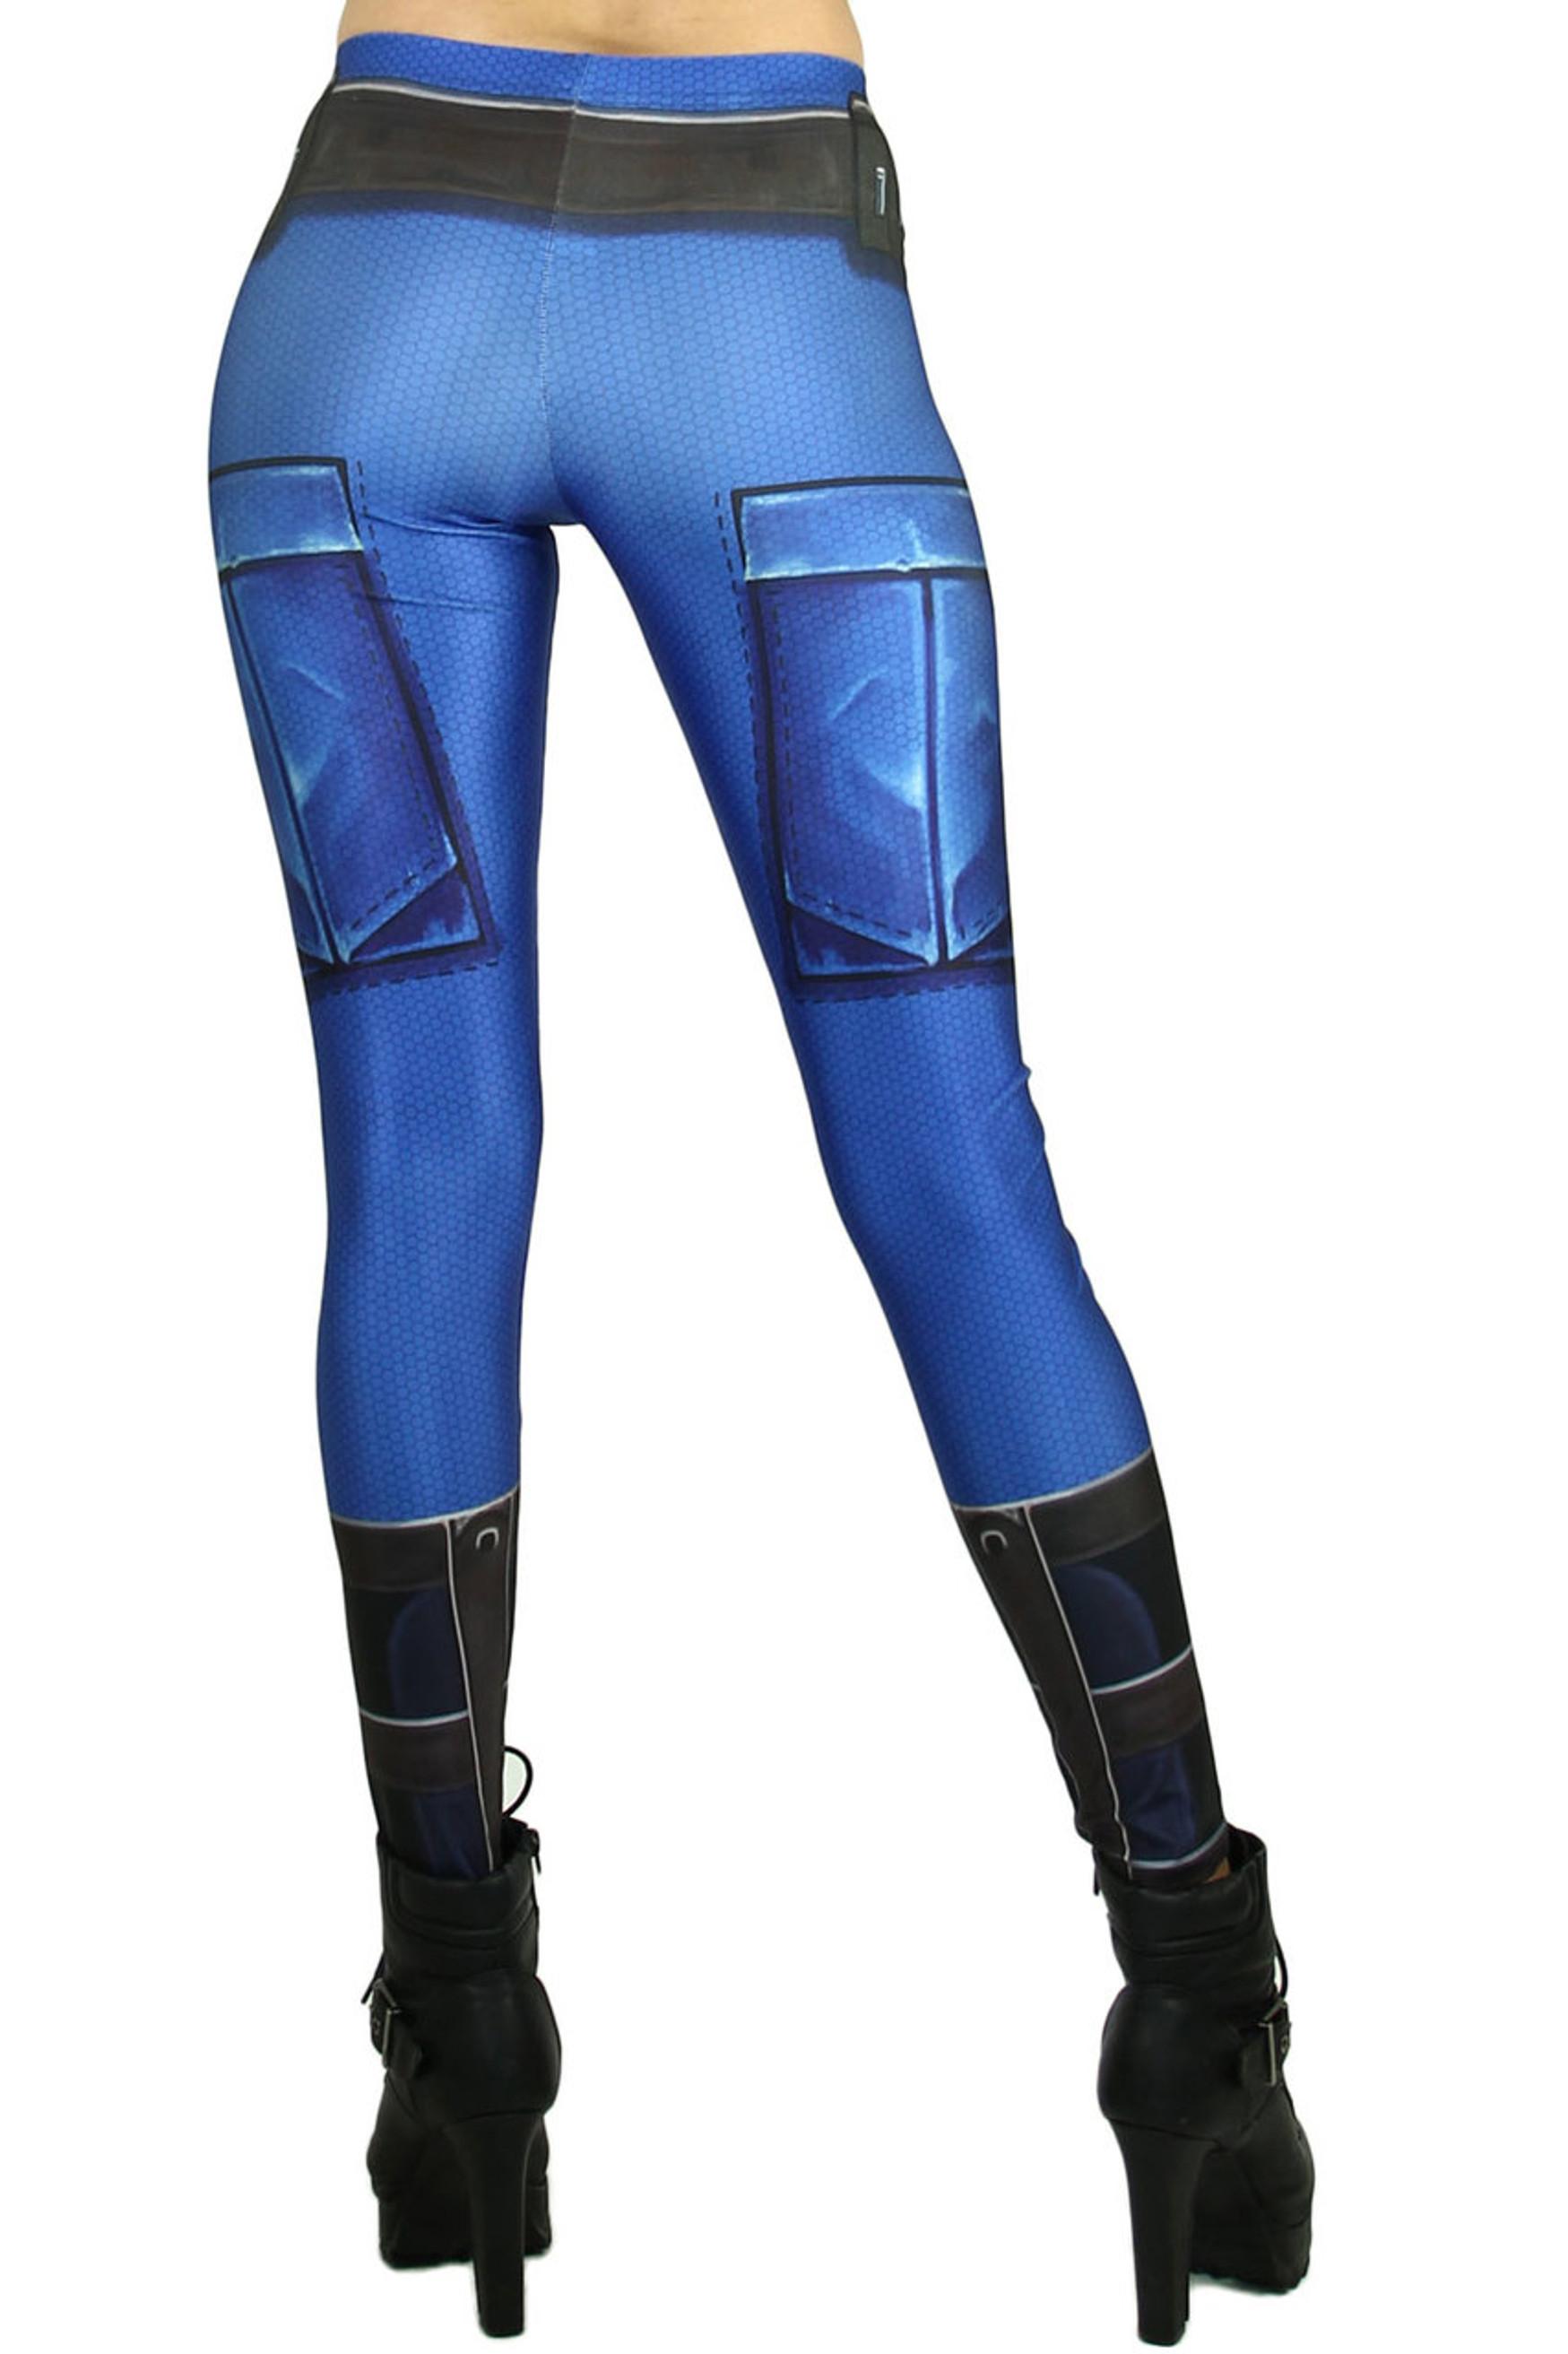 Blue Belted Armor Leggings